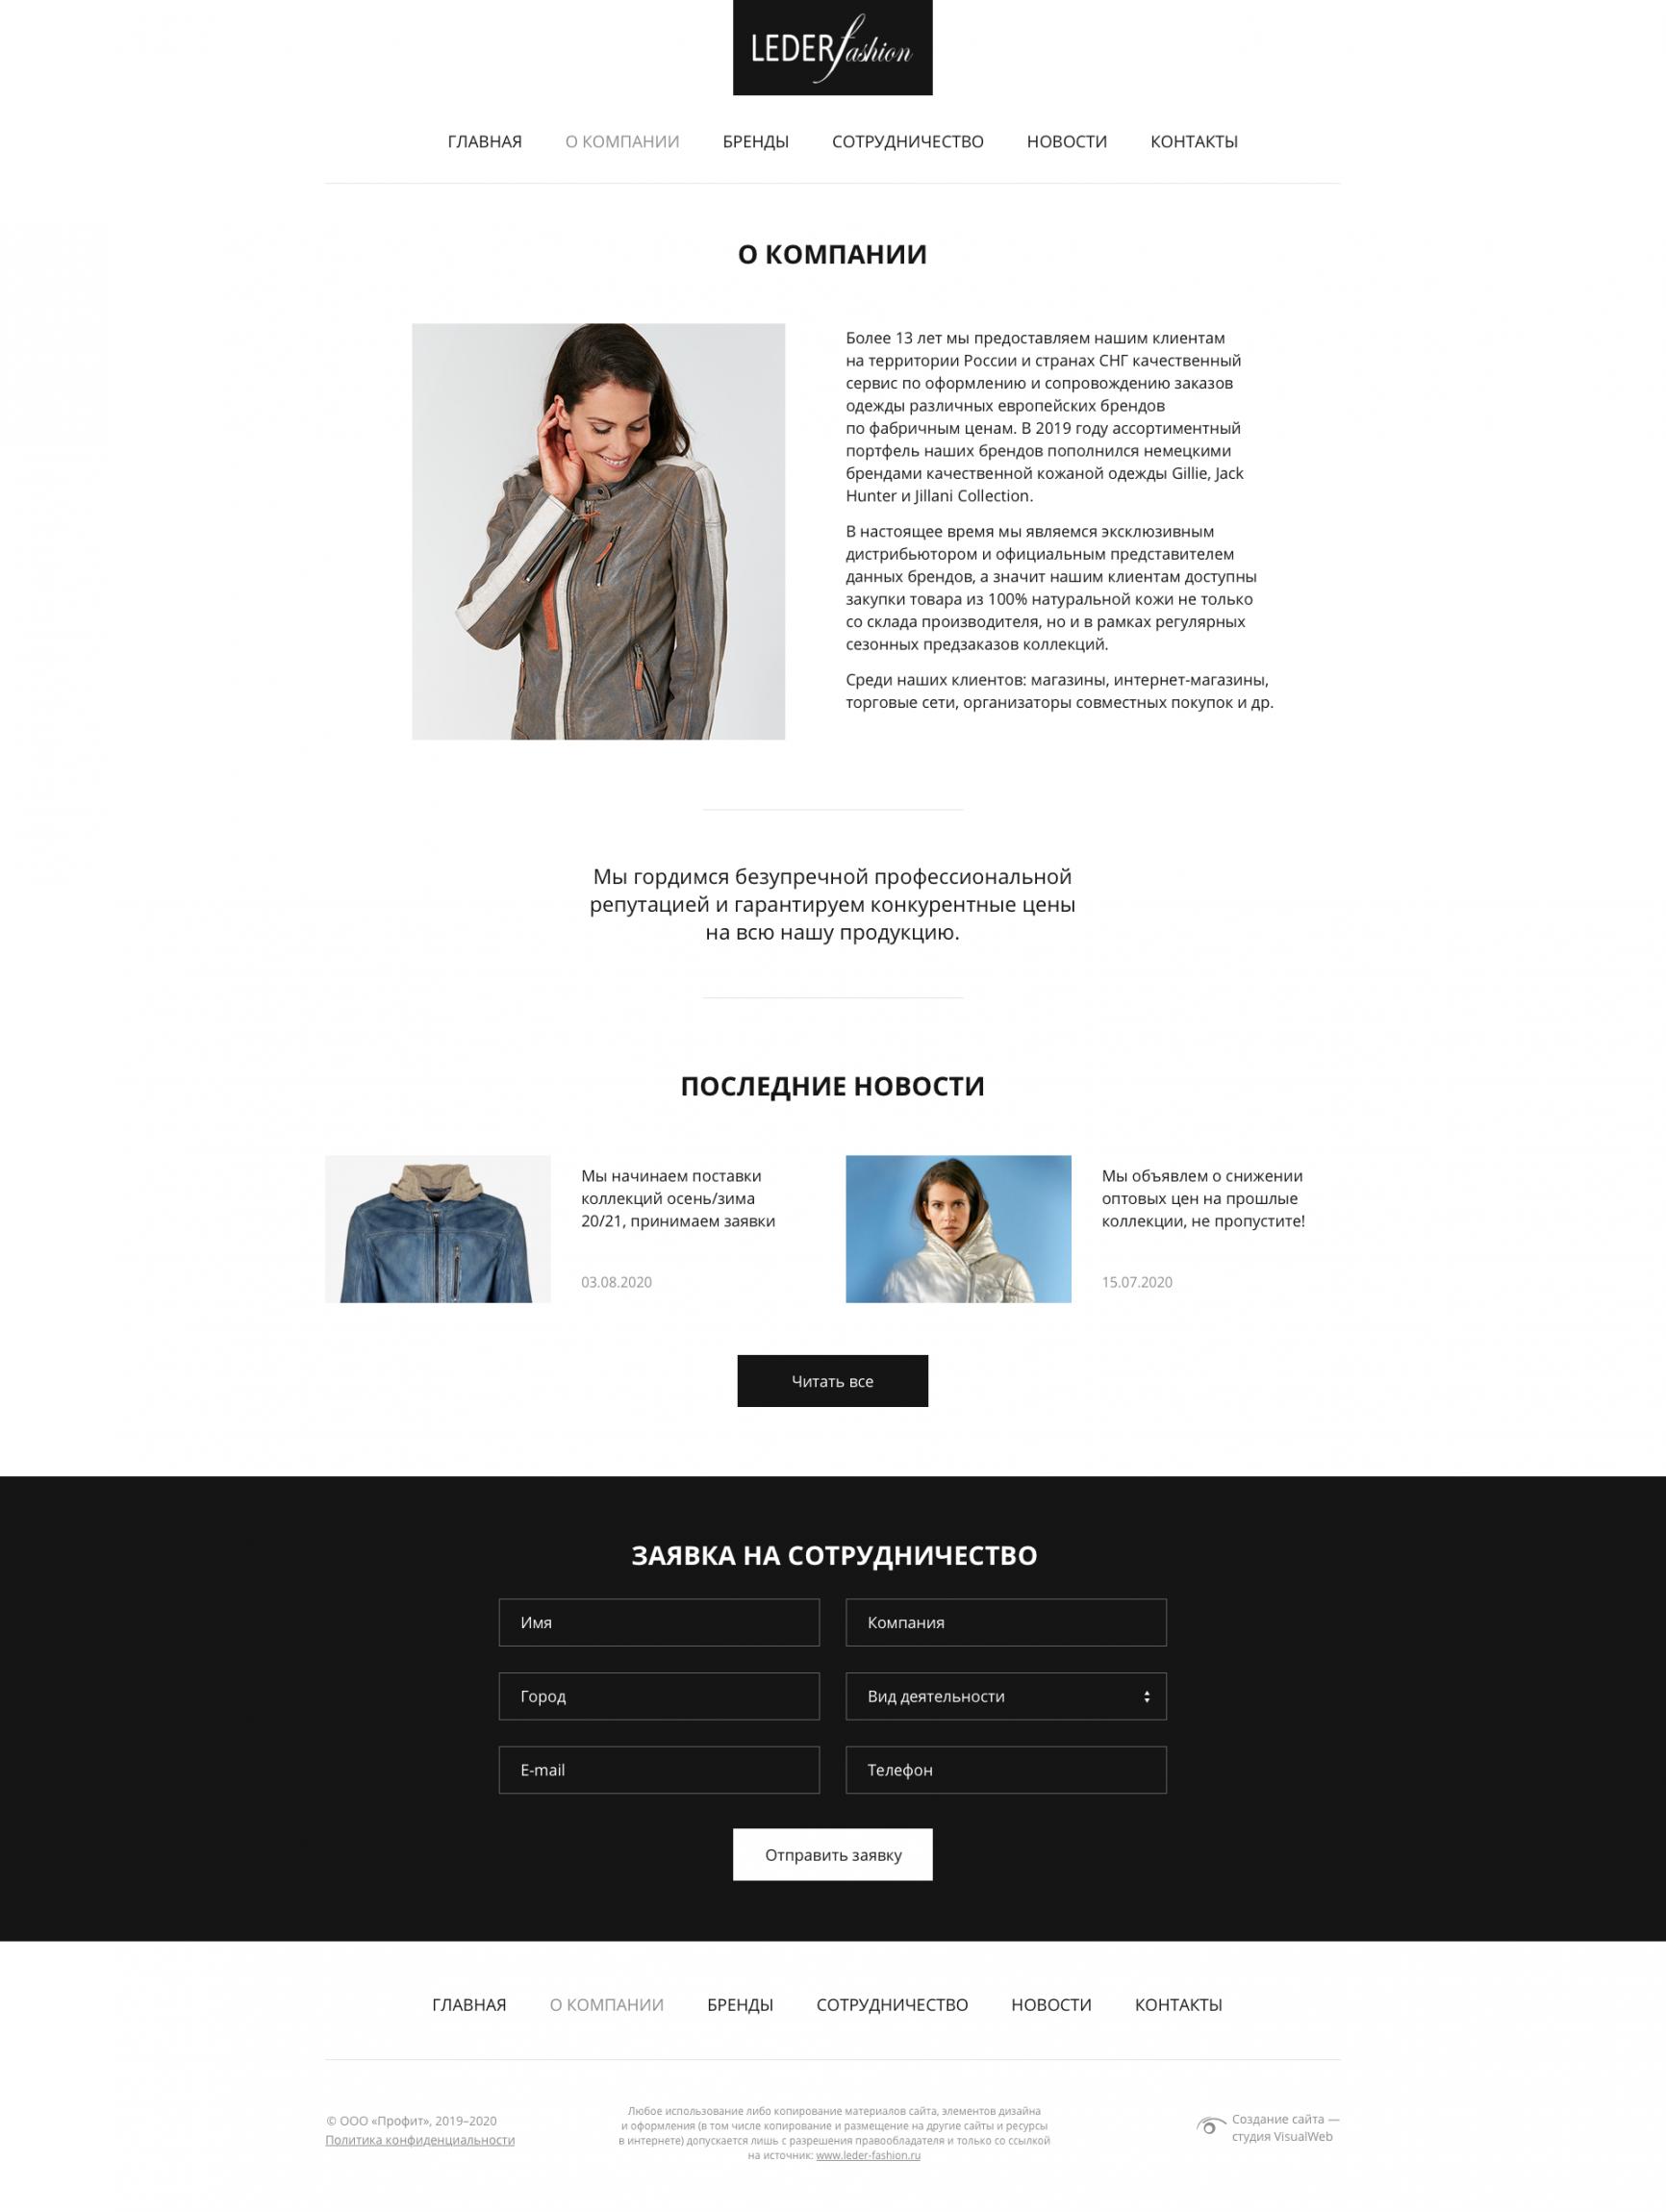 Создание сайта-визитки LEDER fashion